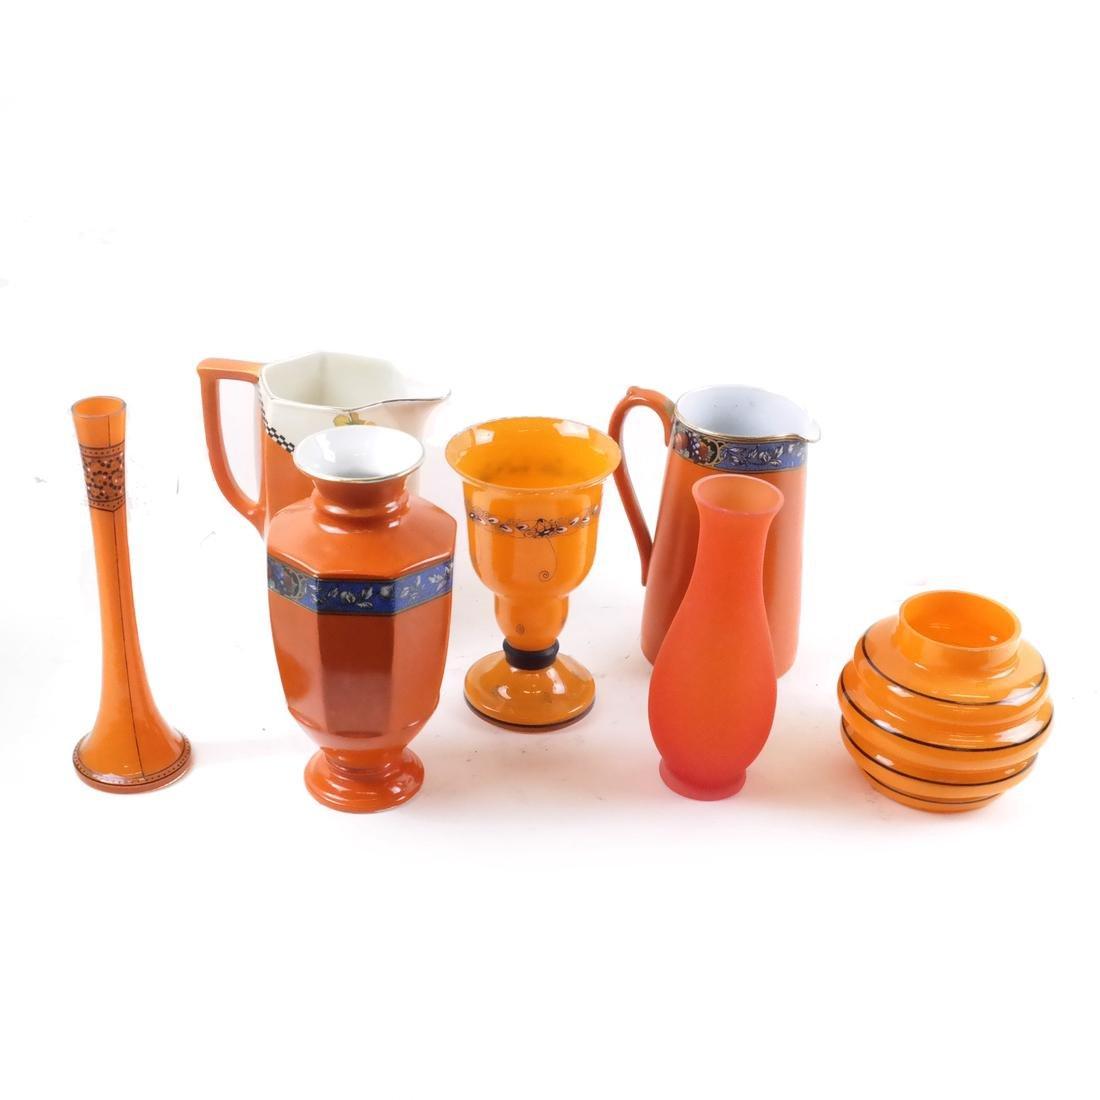 Seven Assorted Glass and Porcelain Orange Vessels